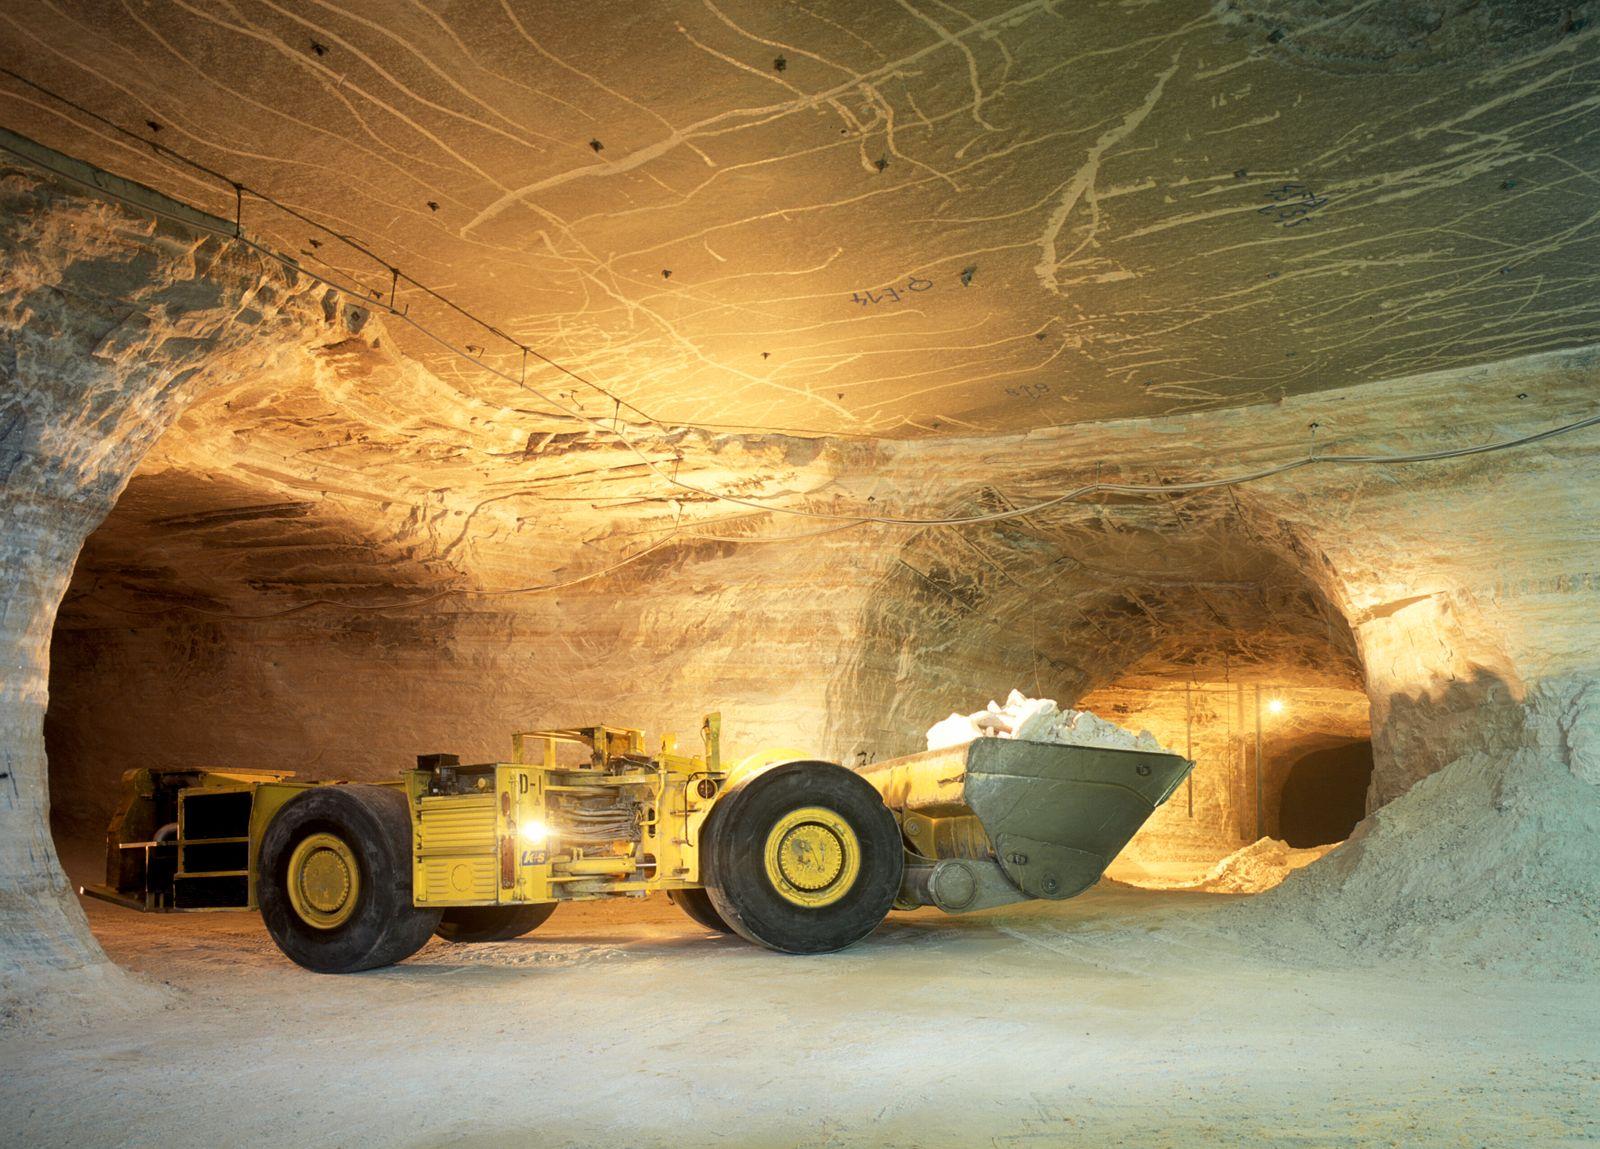 17-Tonnen-Diesellader im Grubenbetrieb / Kalibergwerk / Kaliberg